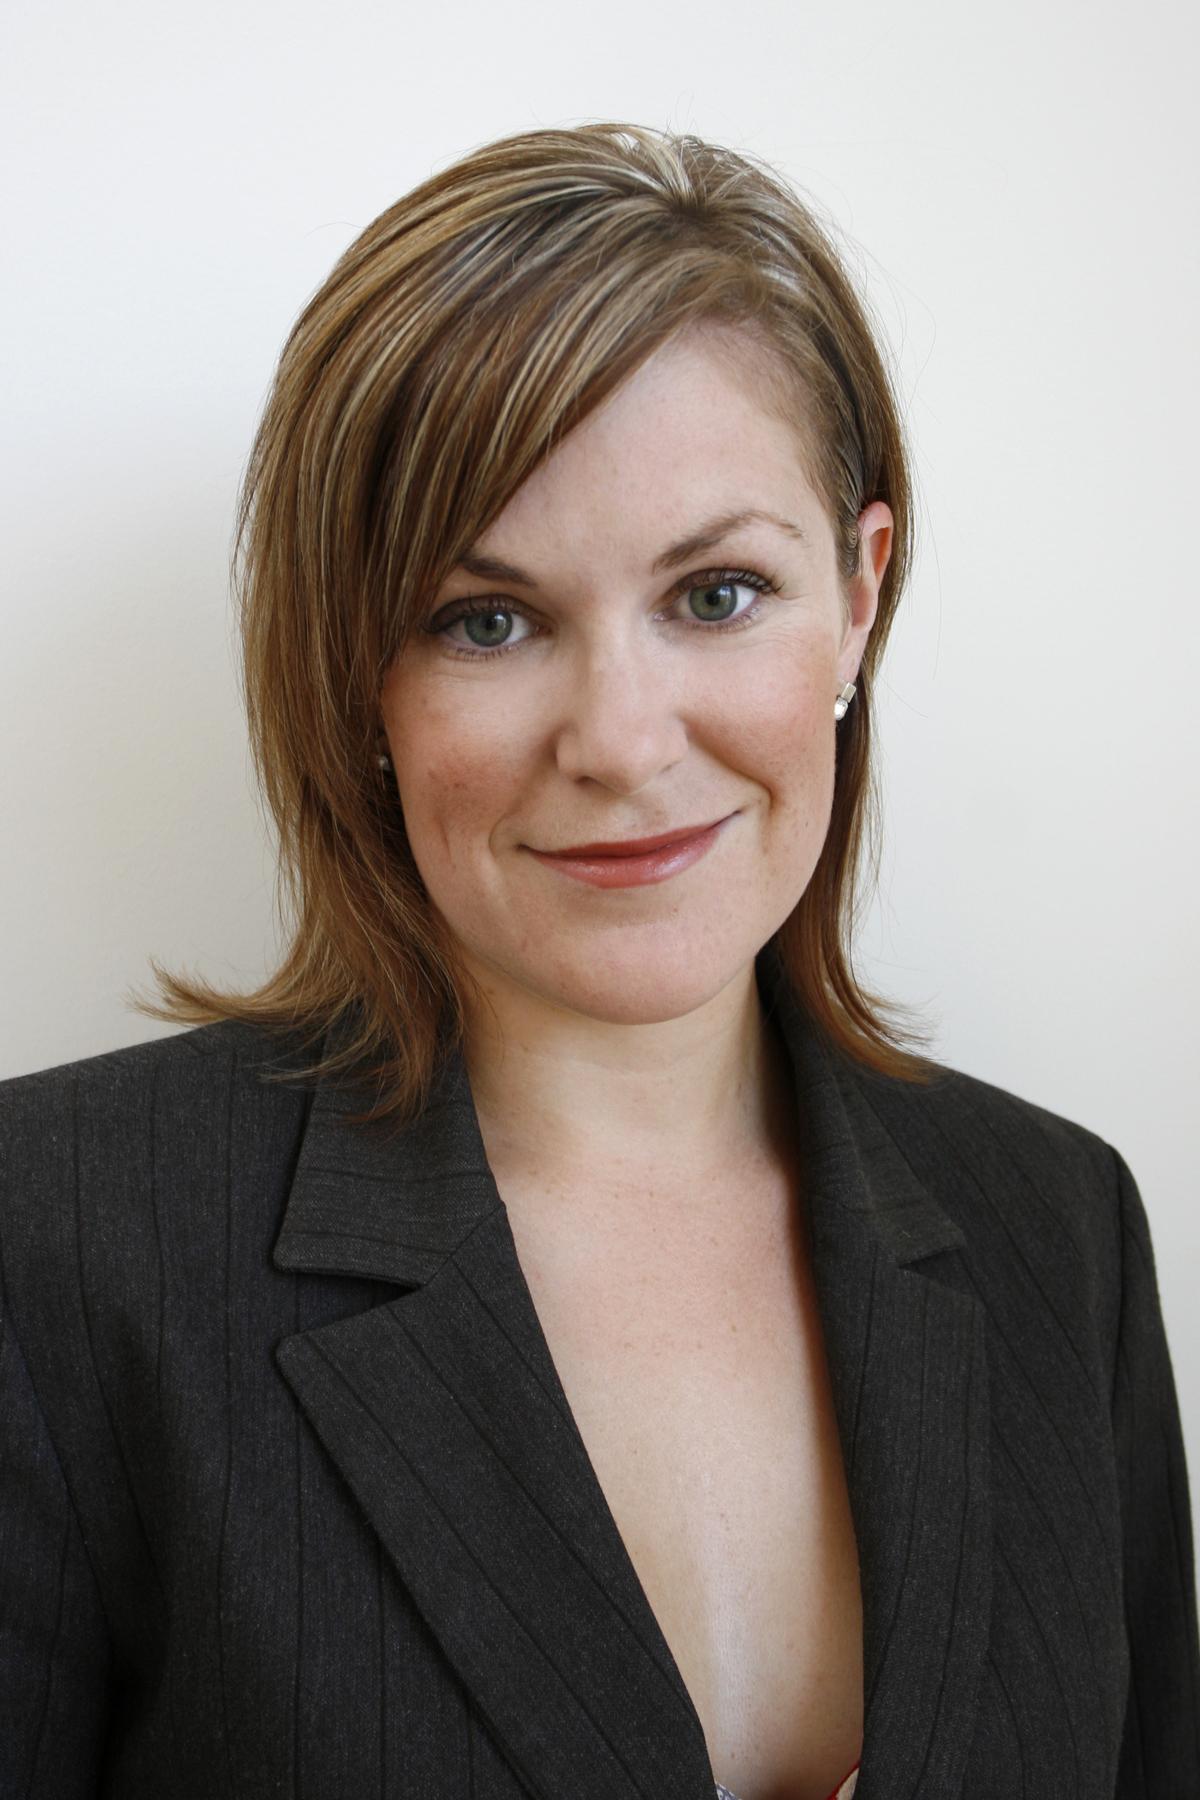 Kerry Clark